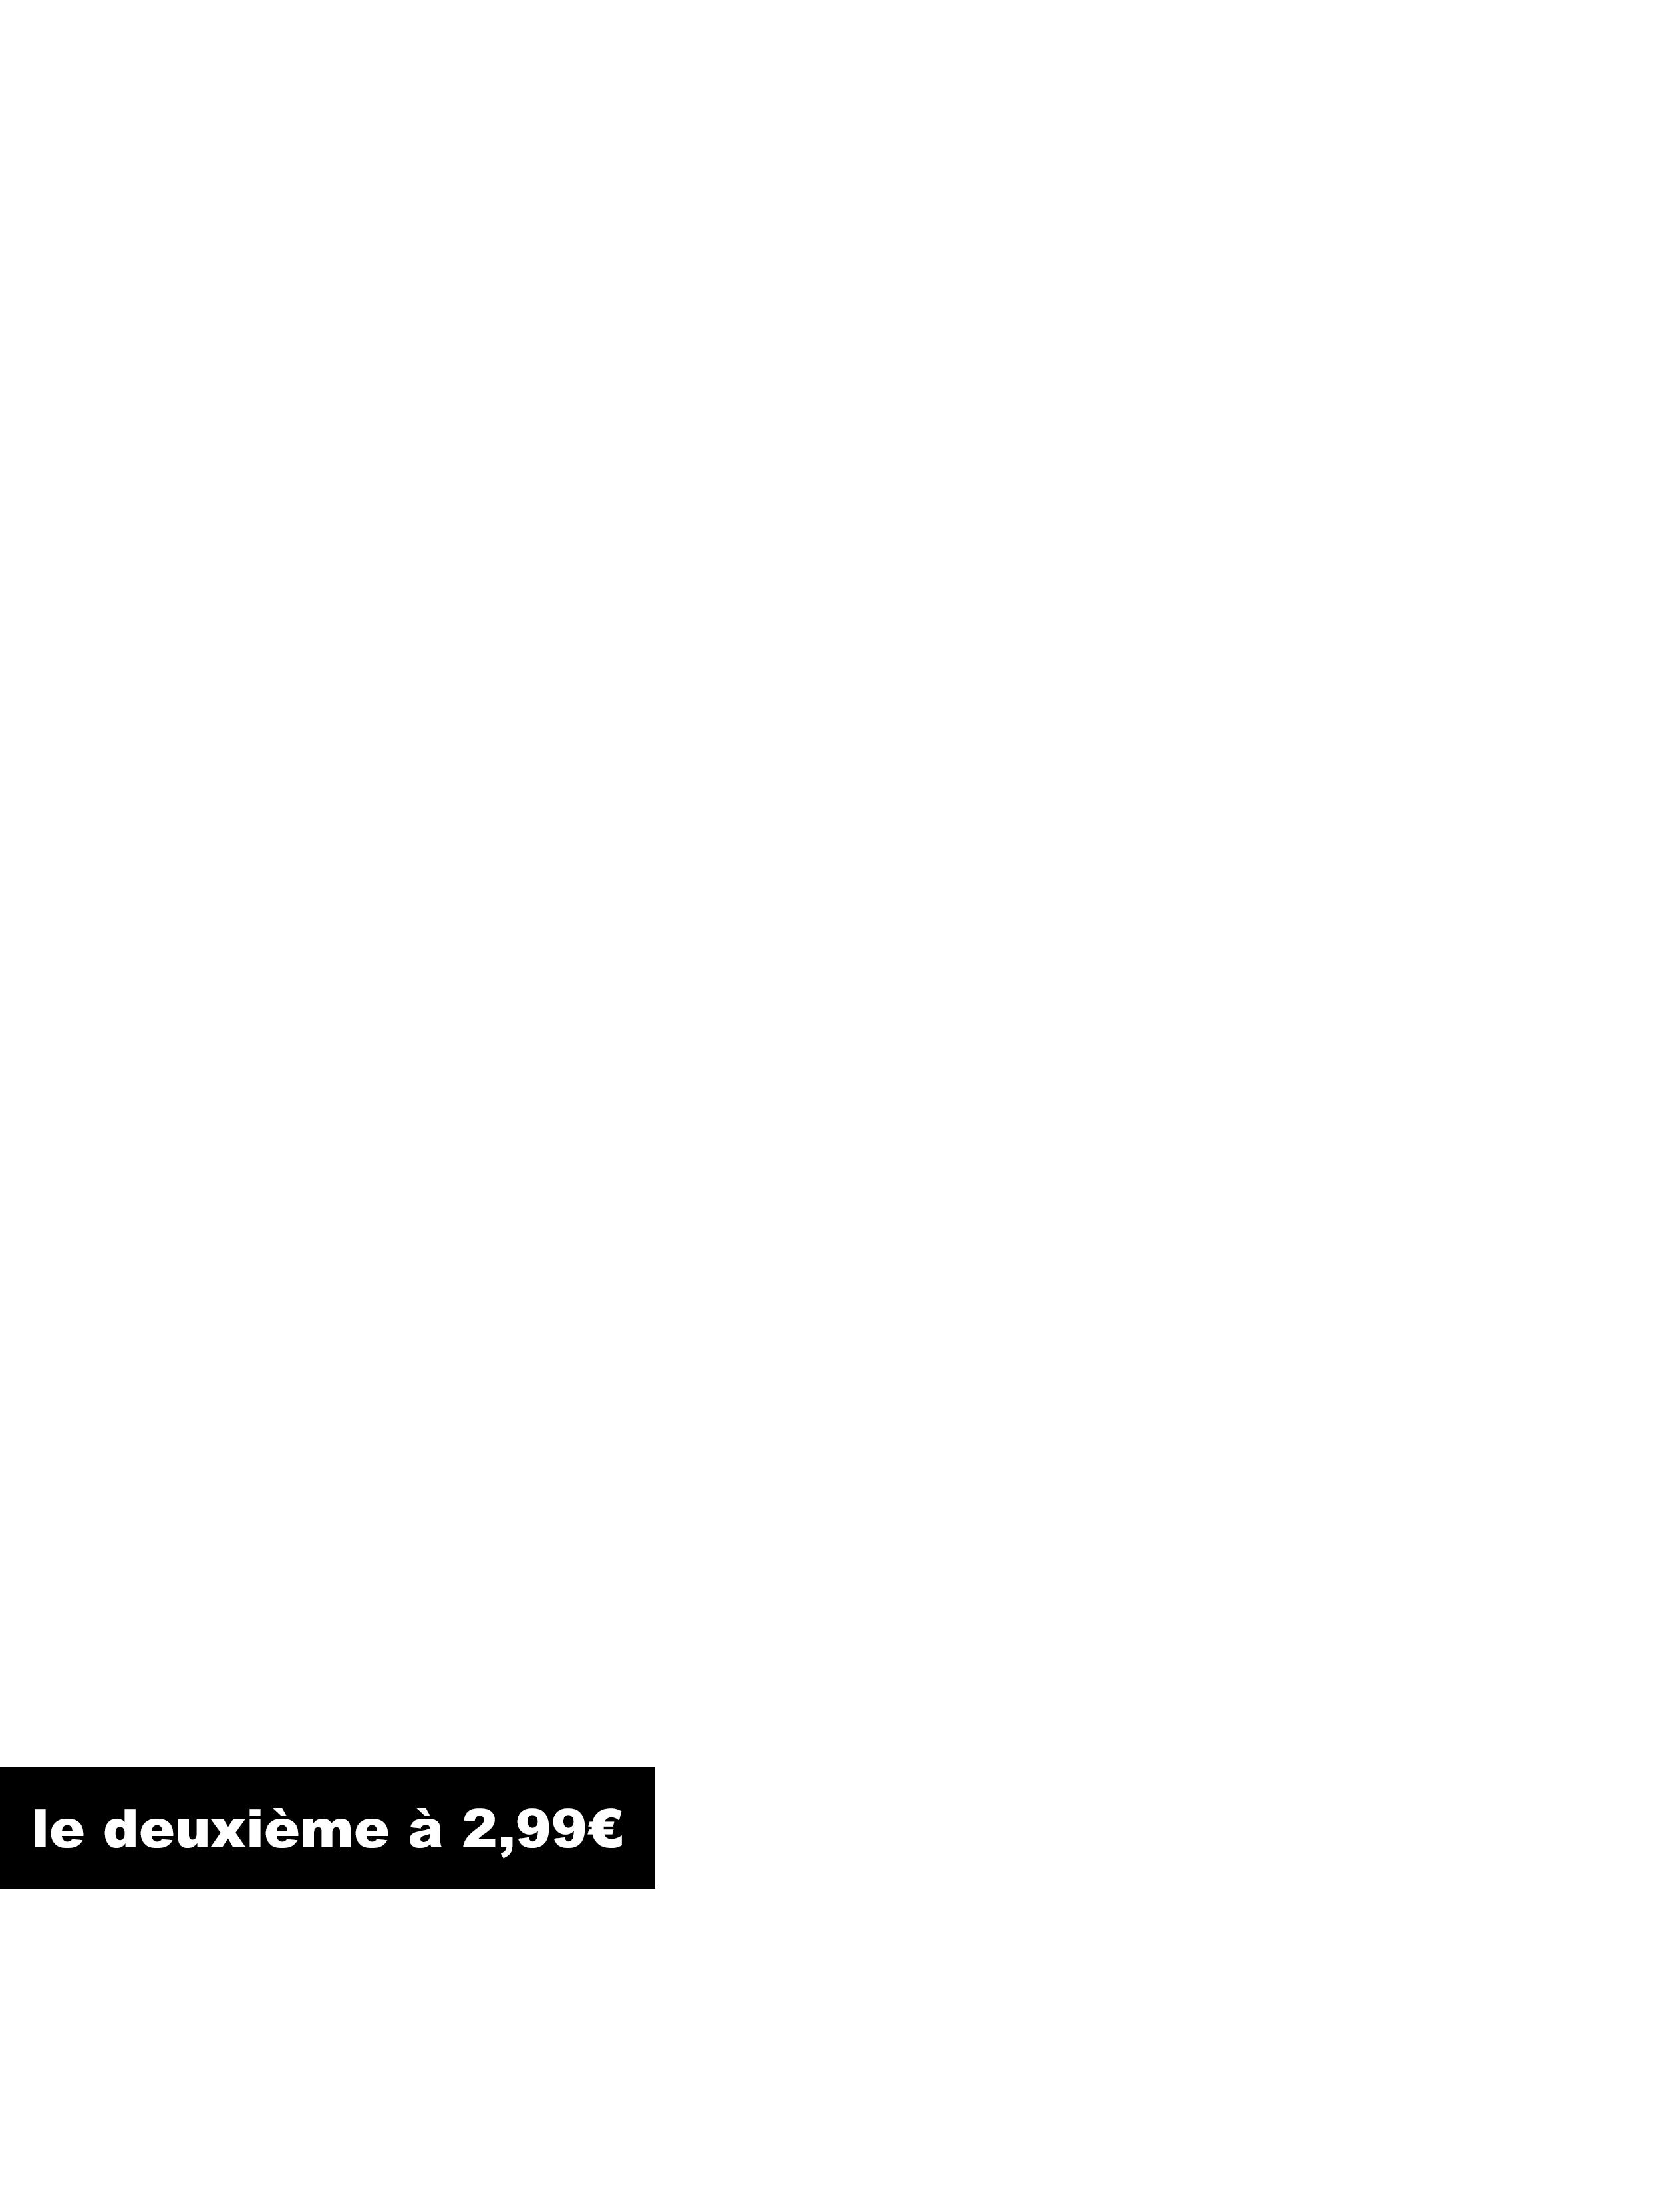 FRA_ secondo 2,99 €